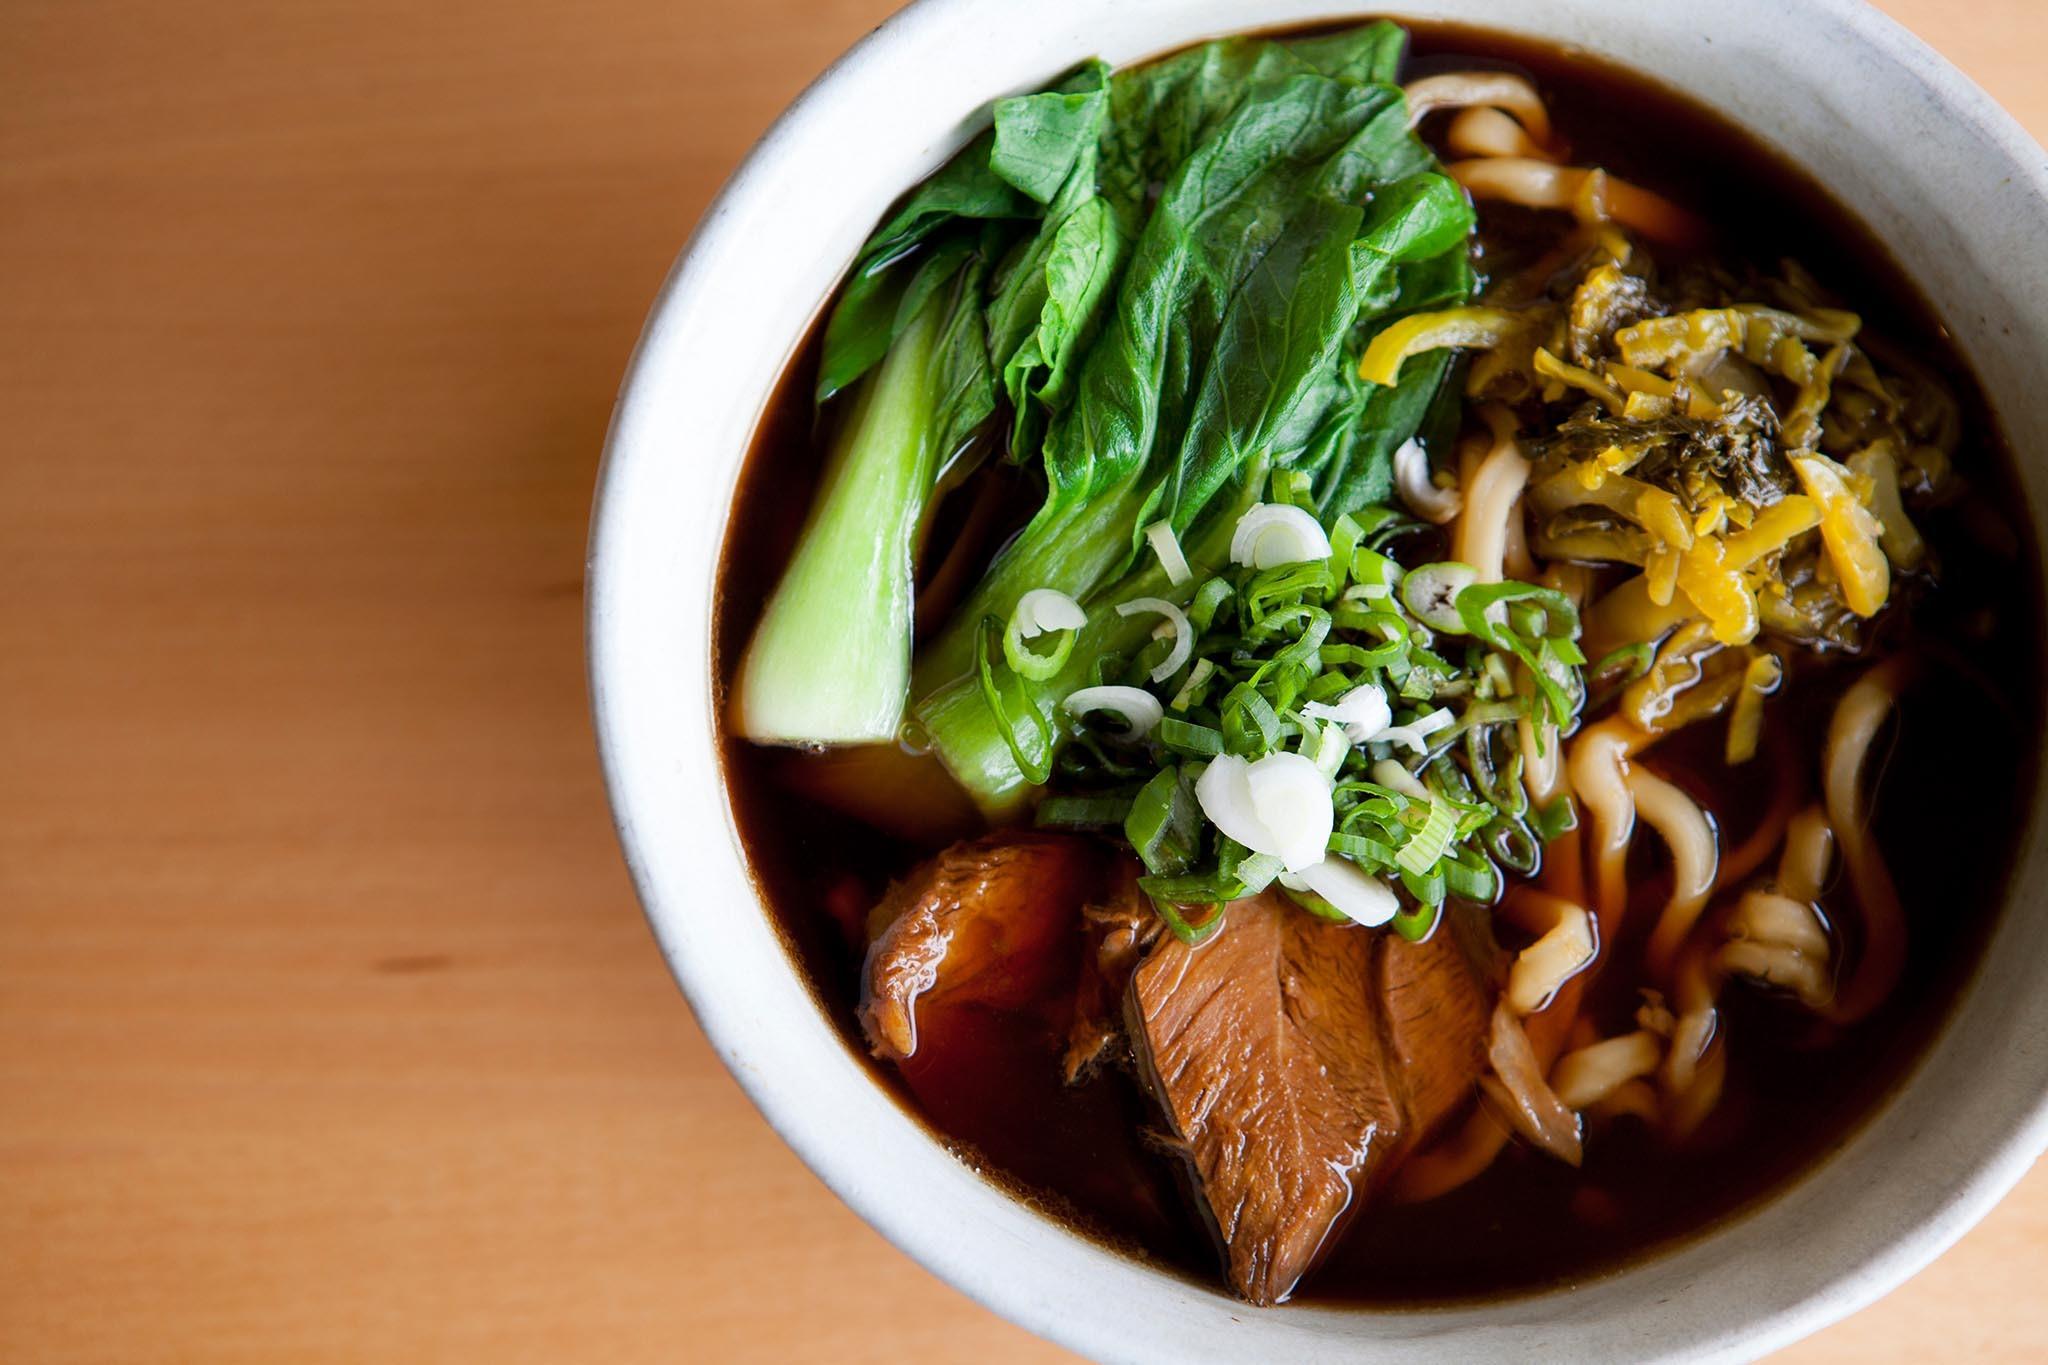 Beef noodle soup at Pine & Crane